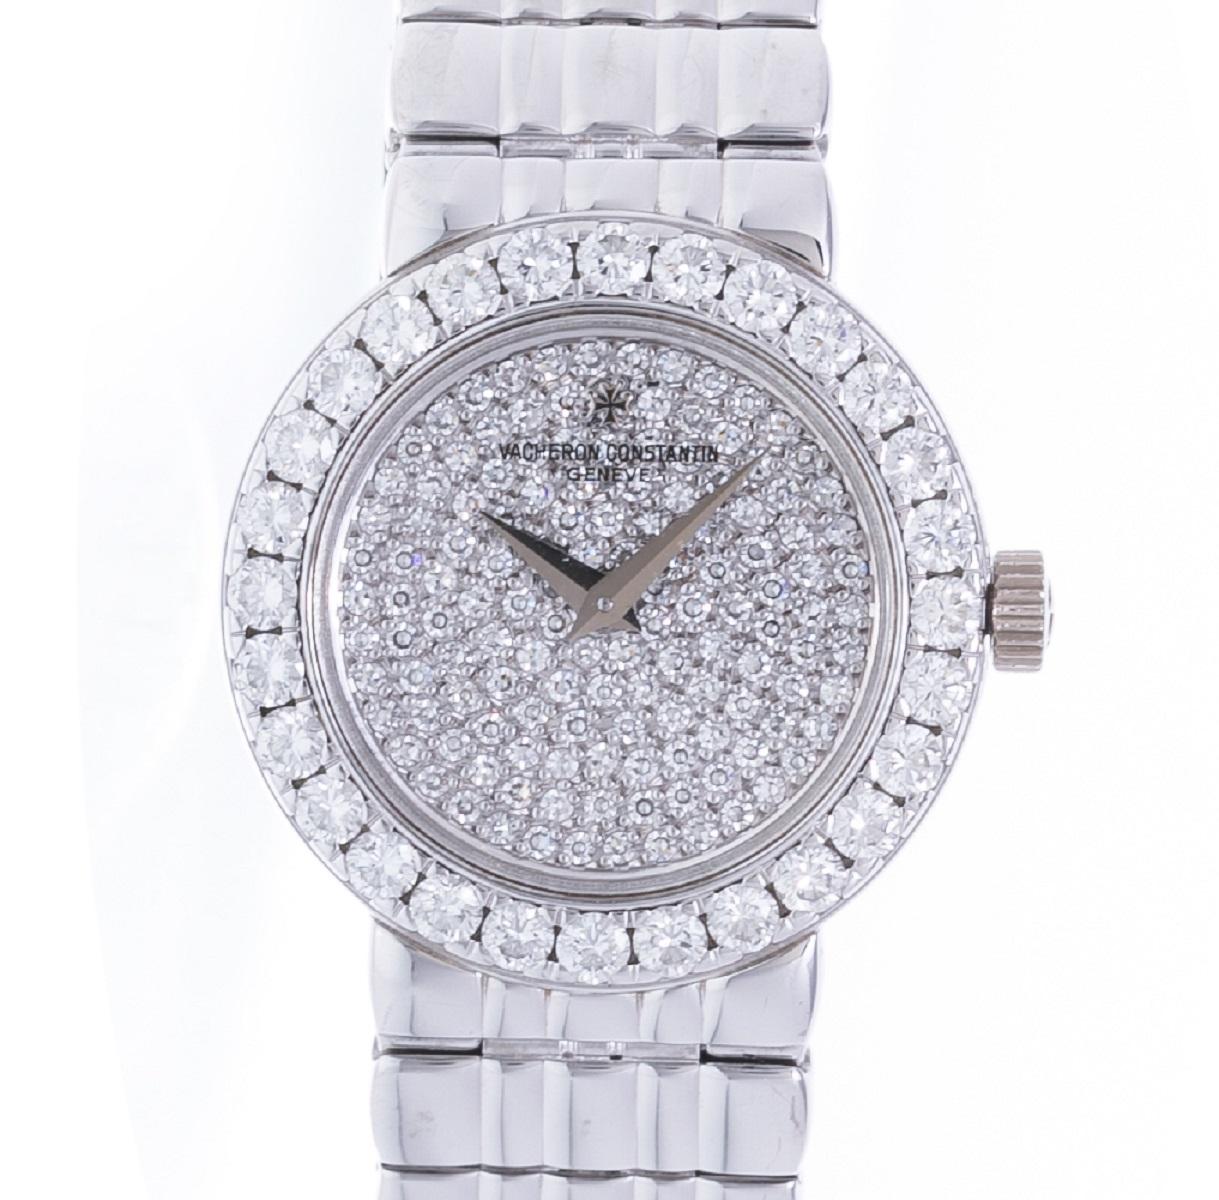 バシュロン コンスタンタン VACHERON CONSTANTIN ダイヤベゼル ダイヤ文字盤 WG ホワイトゴールド クォーツ QZ レディース 腕時計 送料無料 【トレジャースポット】【中古】